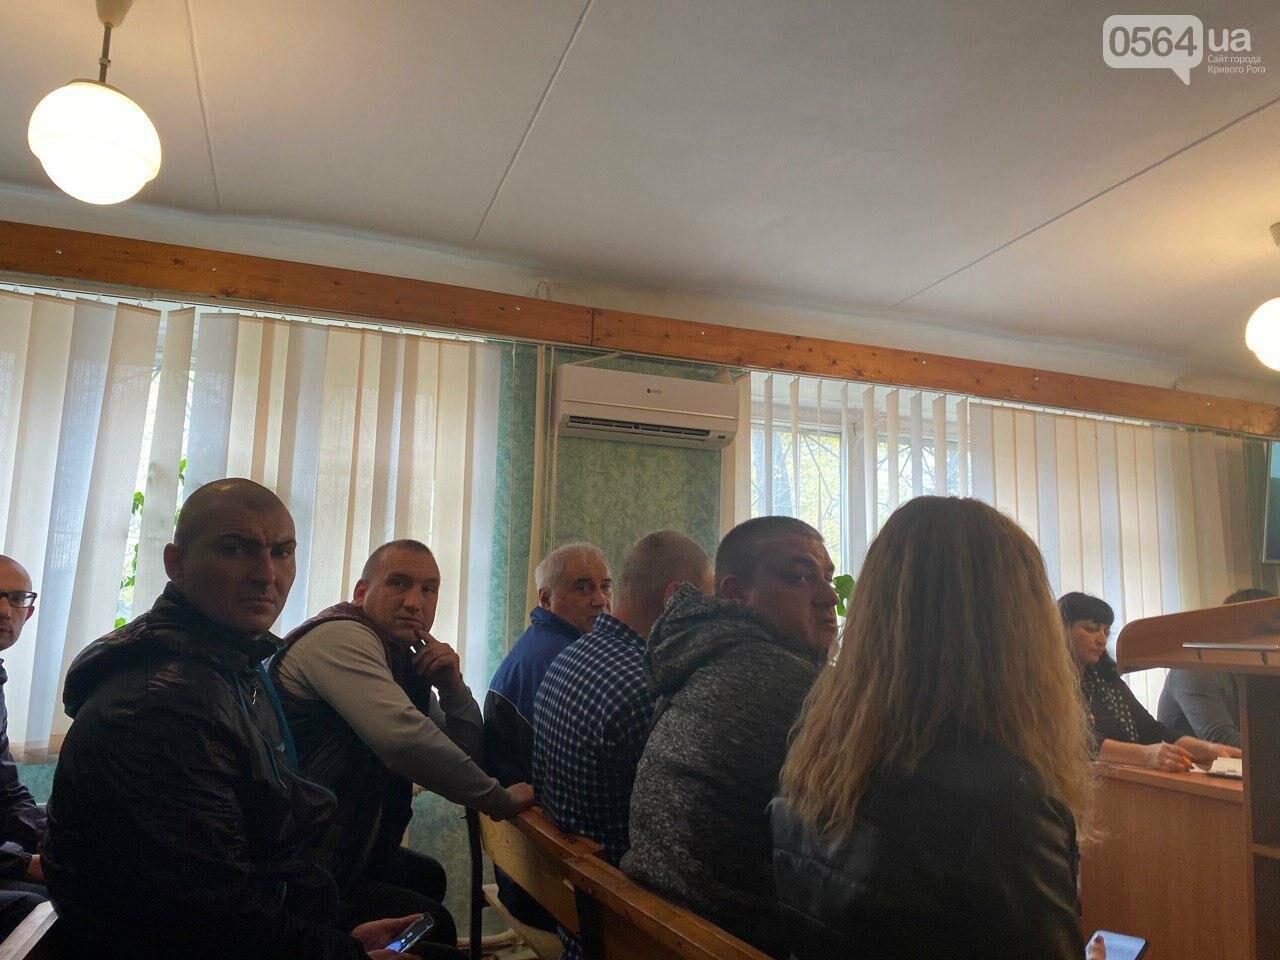 Нацгвардейца, исполосовавшего ножом таксиста в Кривом Роге, оставили под стражей еще на 2 месяца, - ФОТО , фото-4